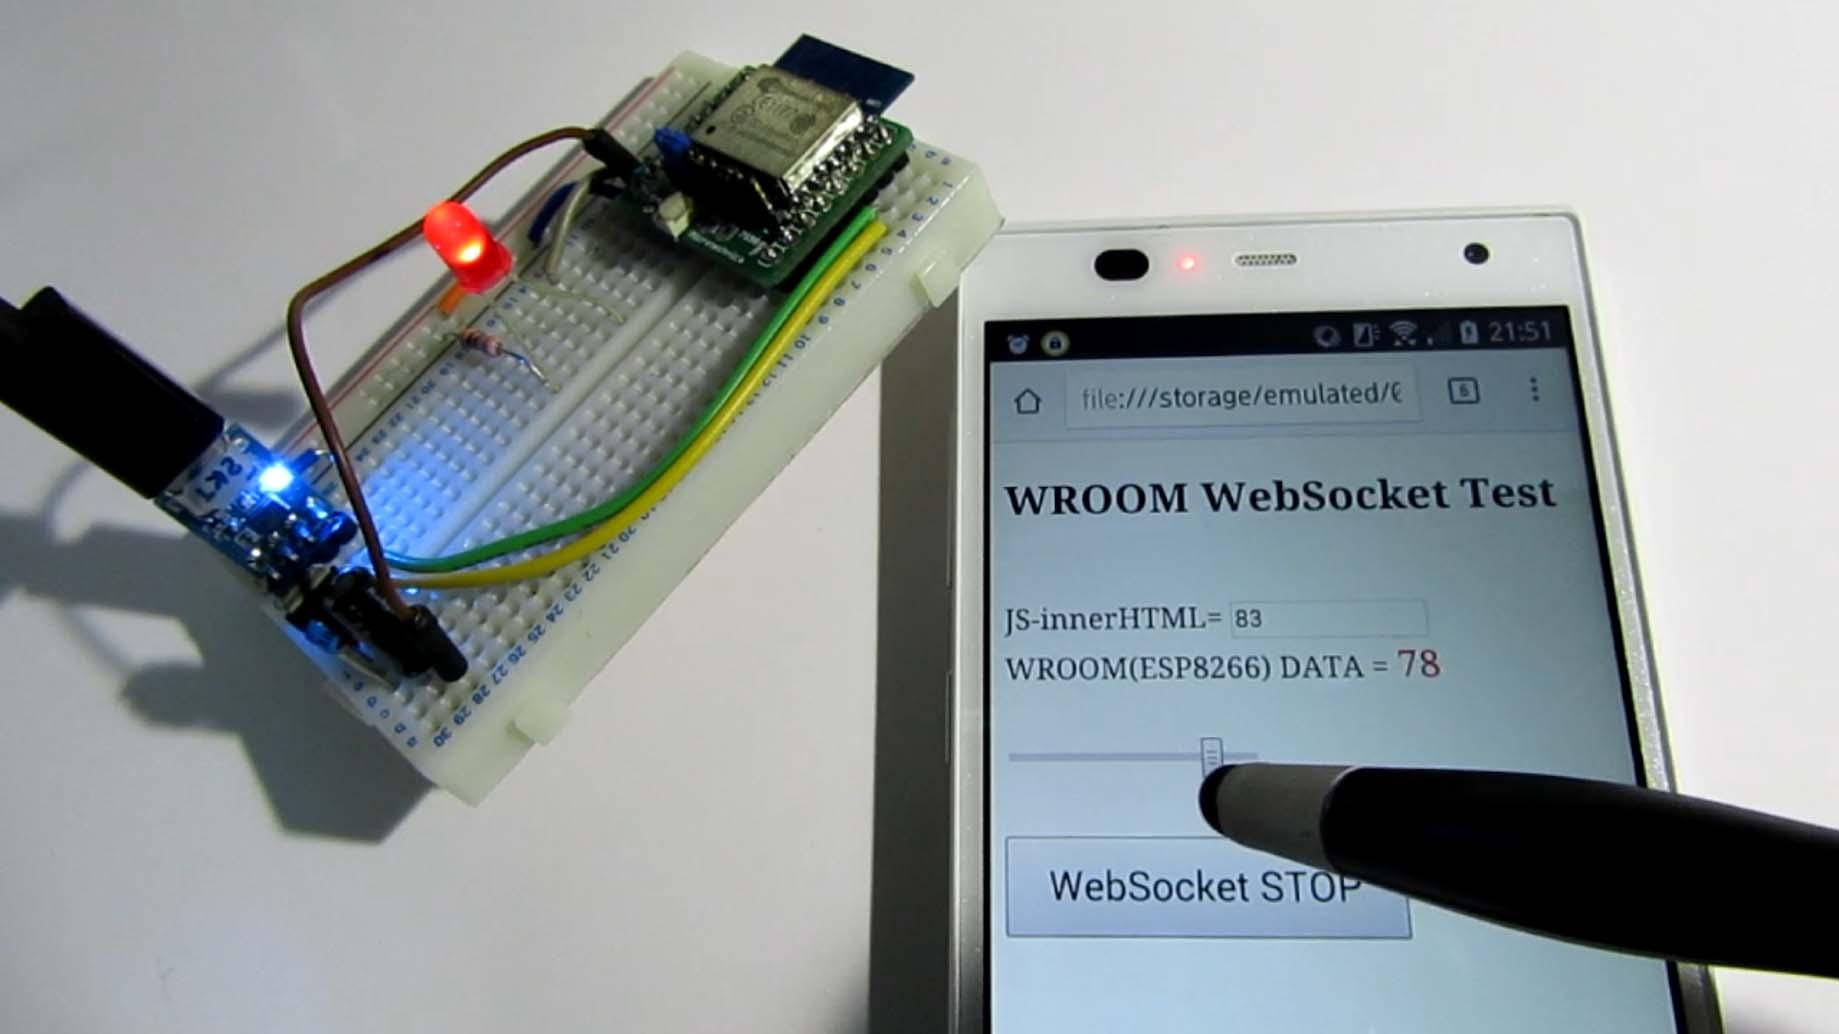 ついに WebSocket 通信が Arduino 化した WROOM で出来た